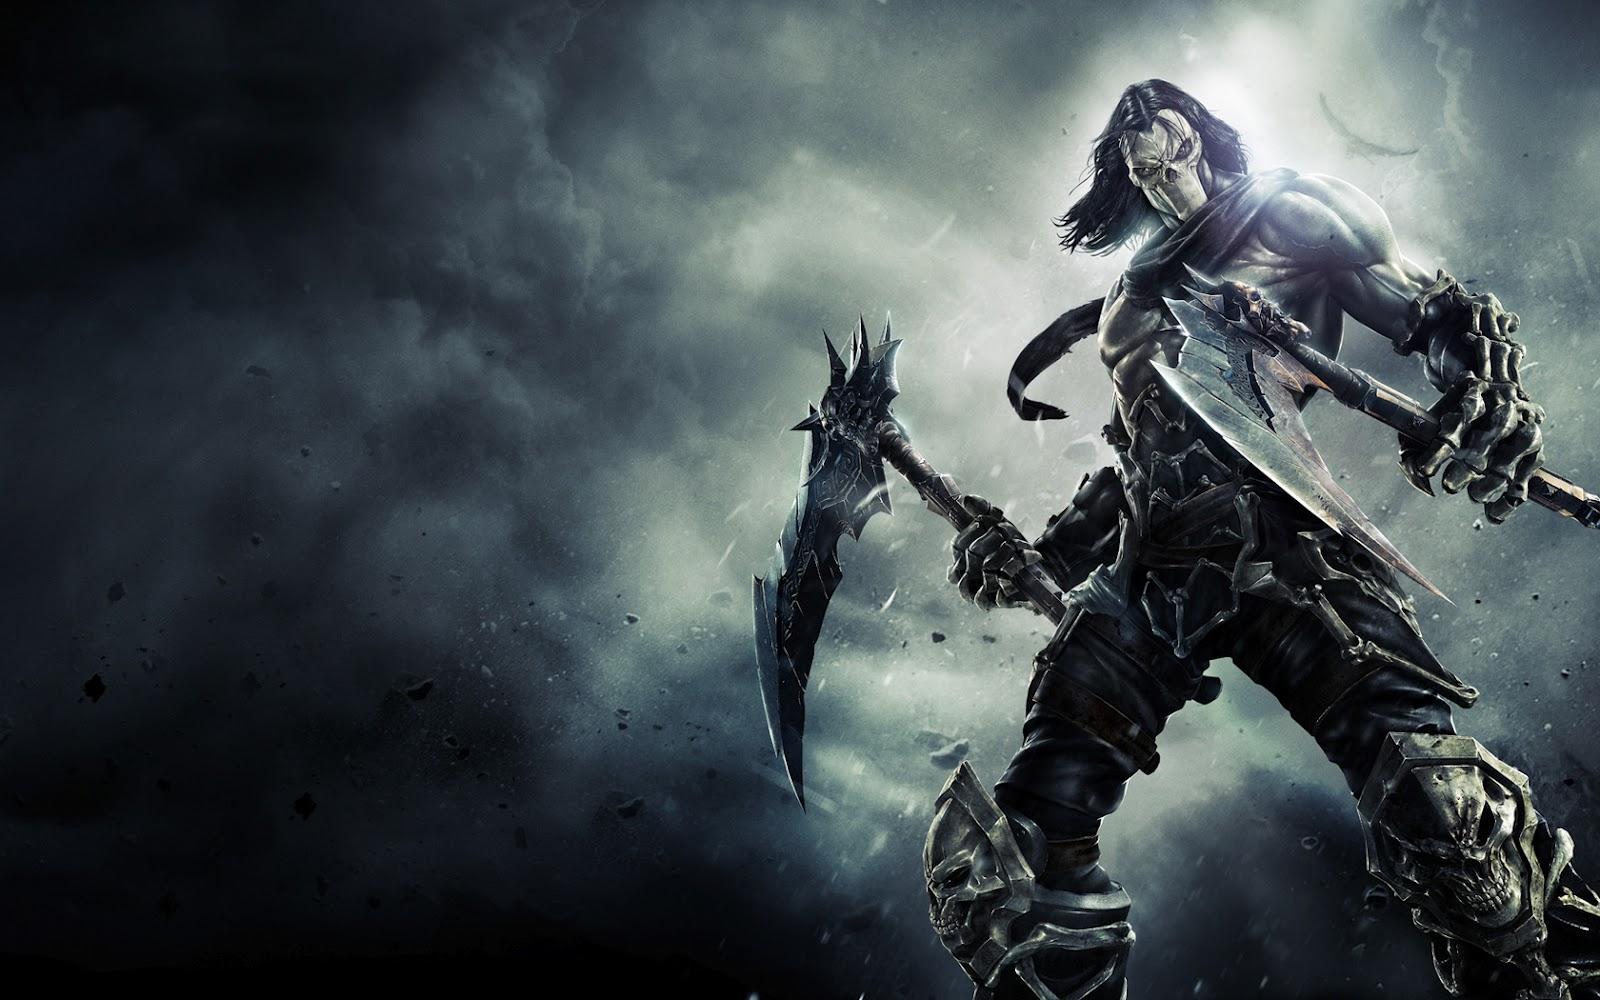 Dark Siders Horseman Skull Axes 6577 Wallpaper Wallpaper hd 1600x1000